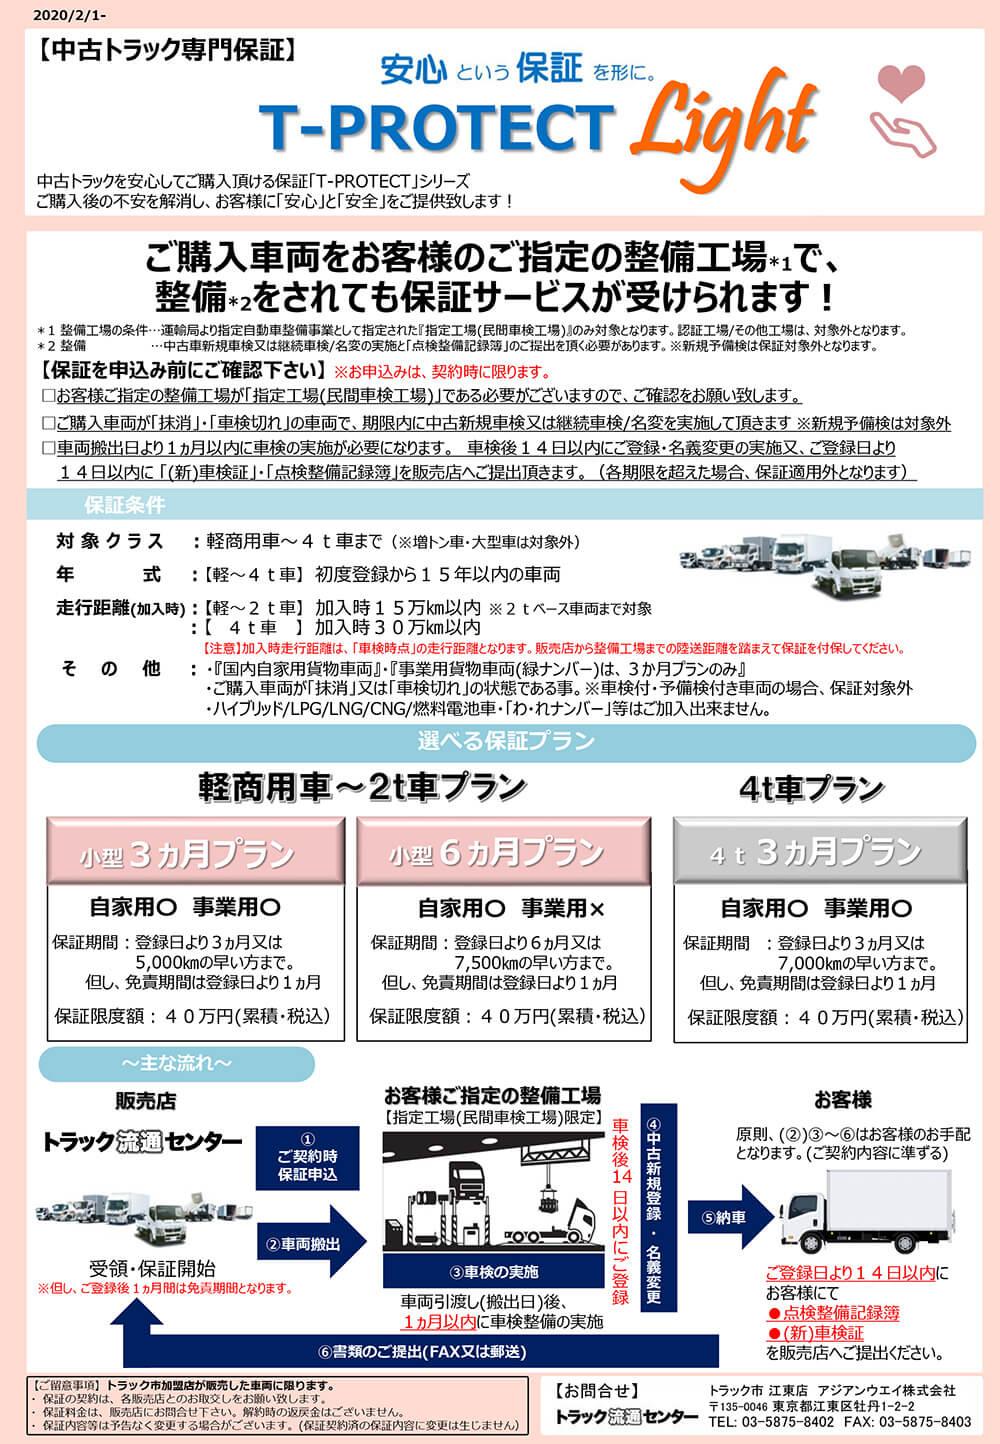 T-PROTECTライト説明…トラック